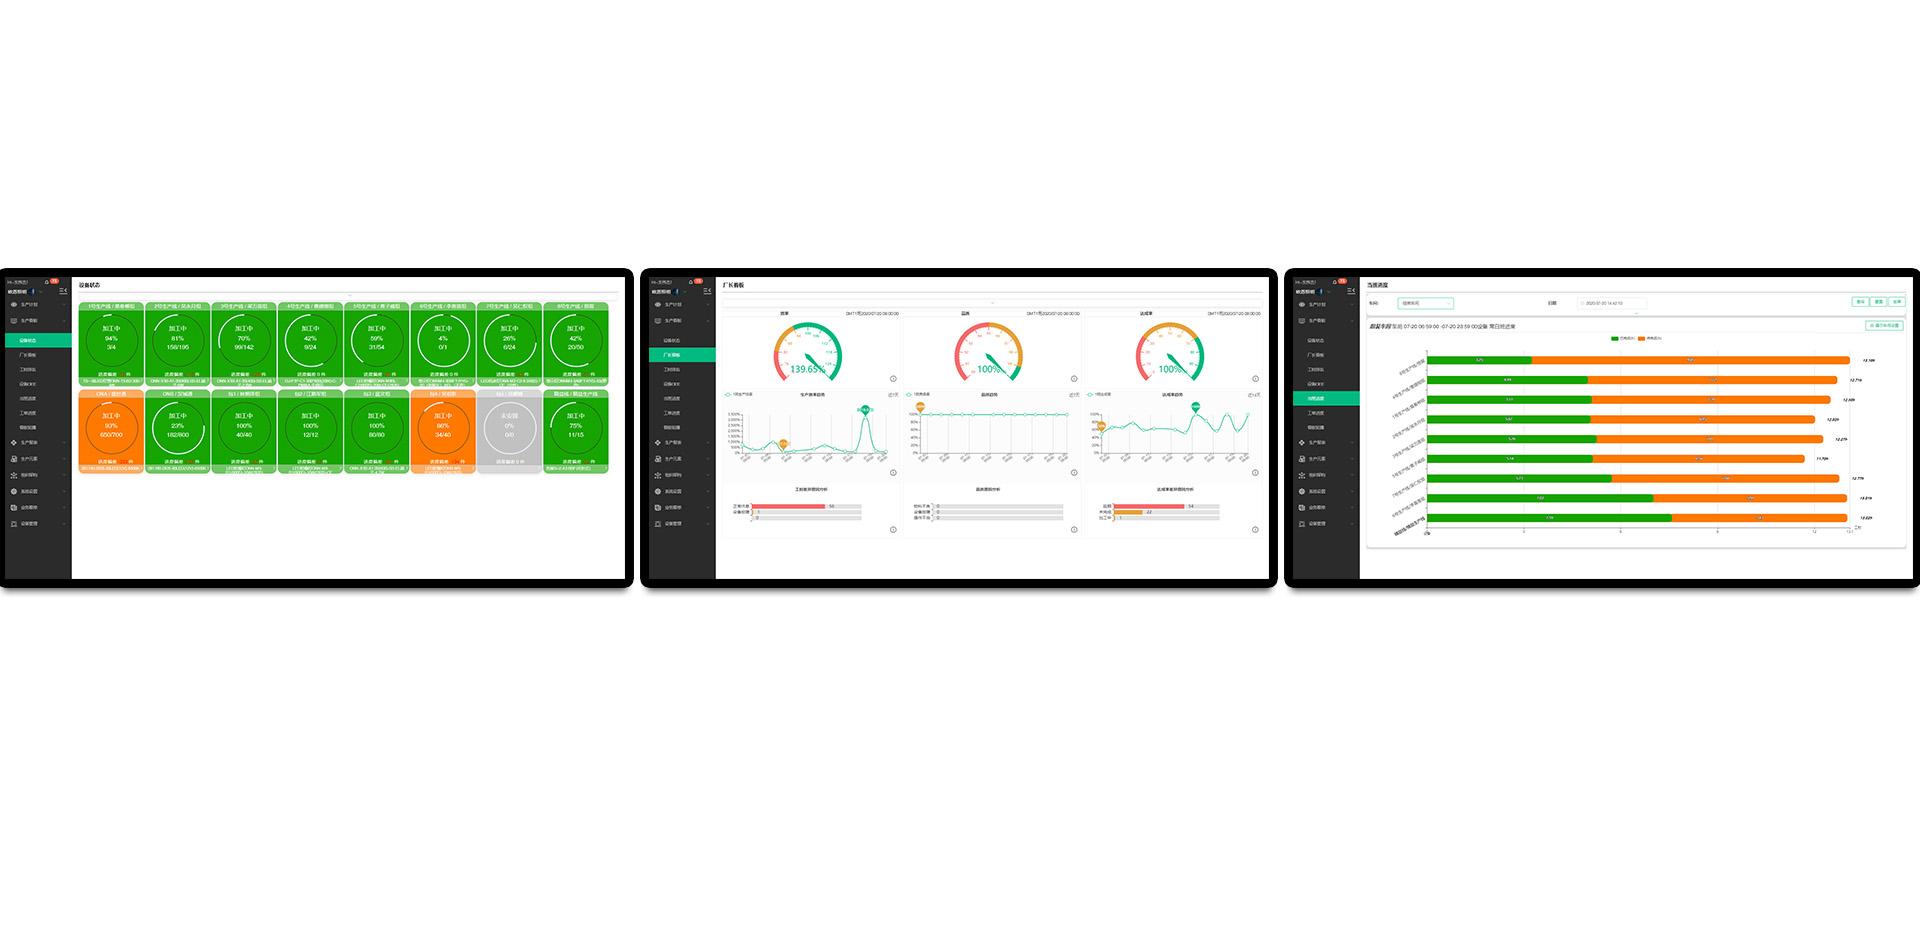 设备oee管理 设备综合效率oee OEE综合效率统计 稼动率